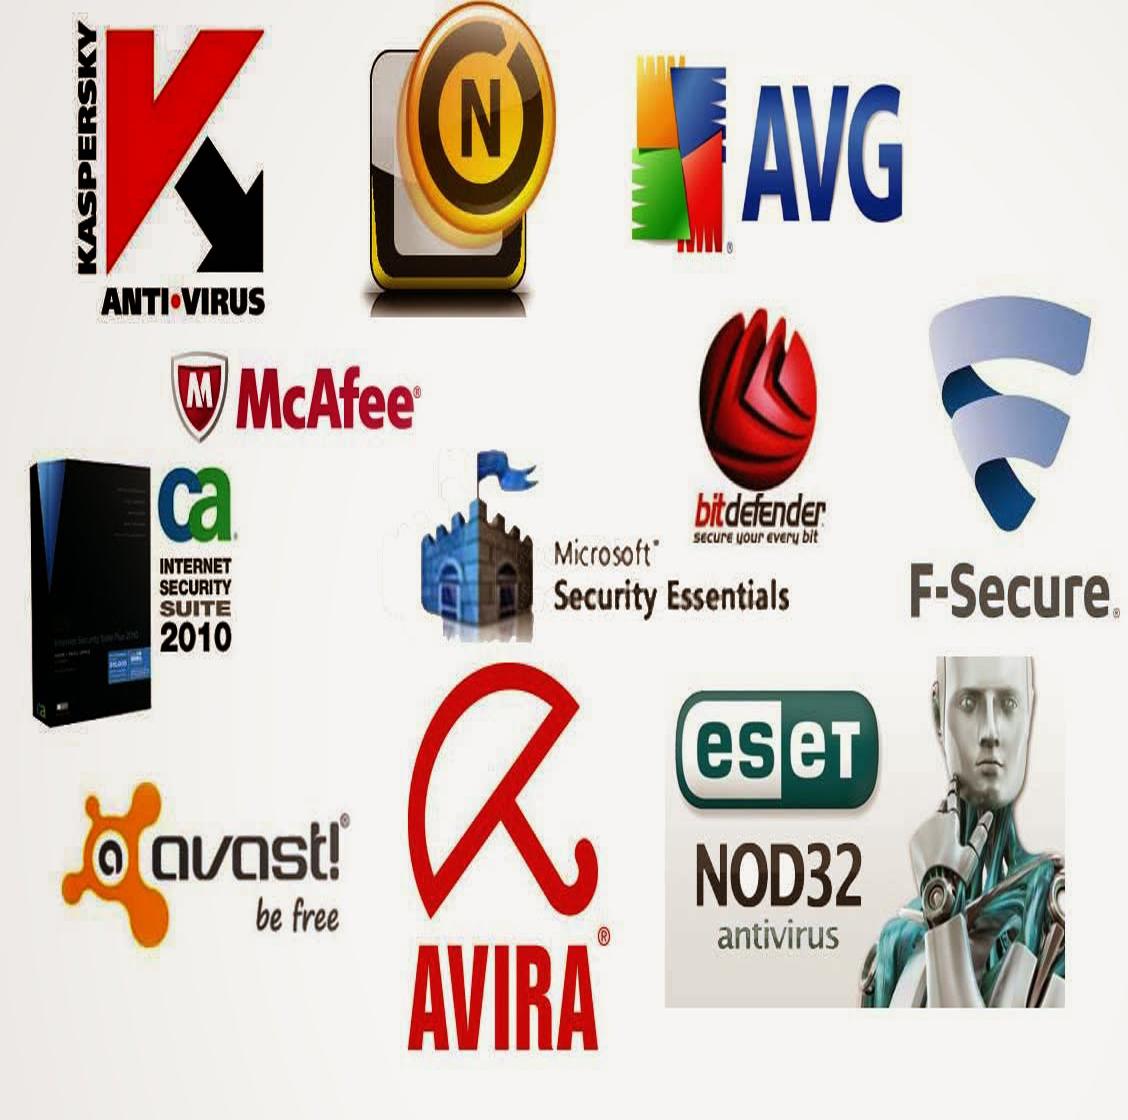 AVG-vs-Kaspersky-vs-Norton-Antivirus–-Which-Program-can-be-entrusted